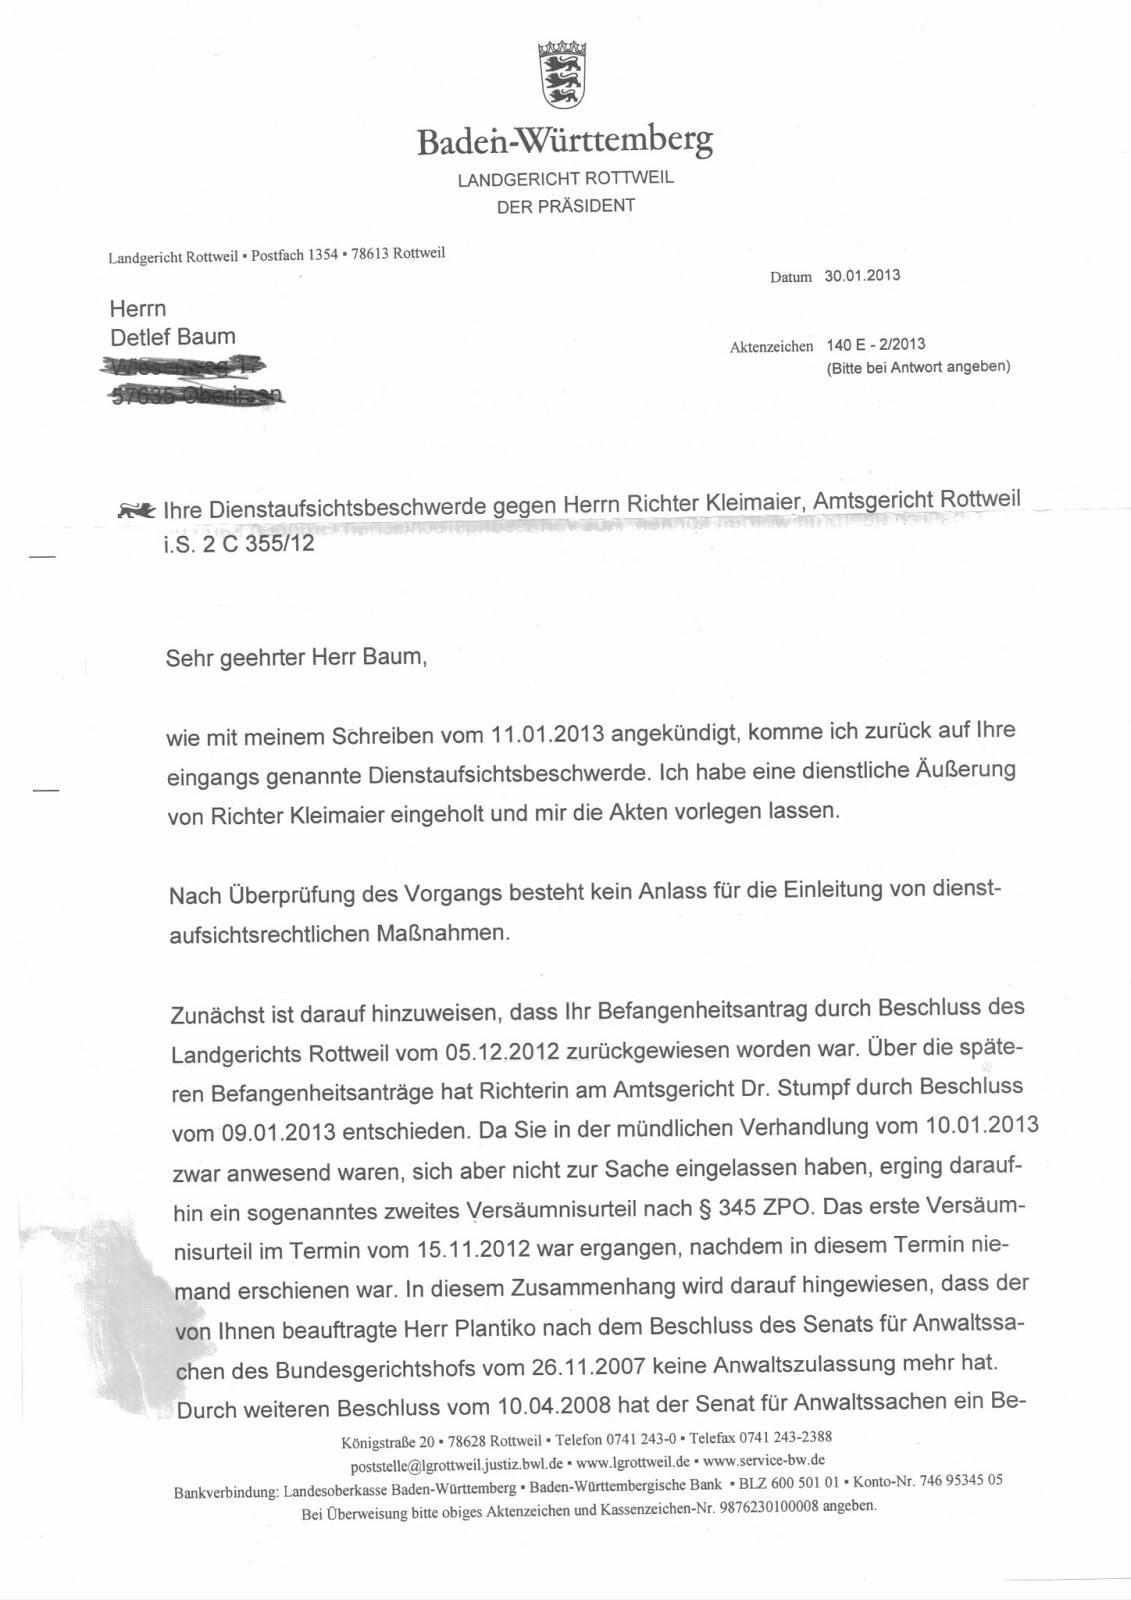 gericht akteneinsicht arzt kostenerstattung